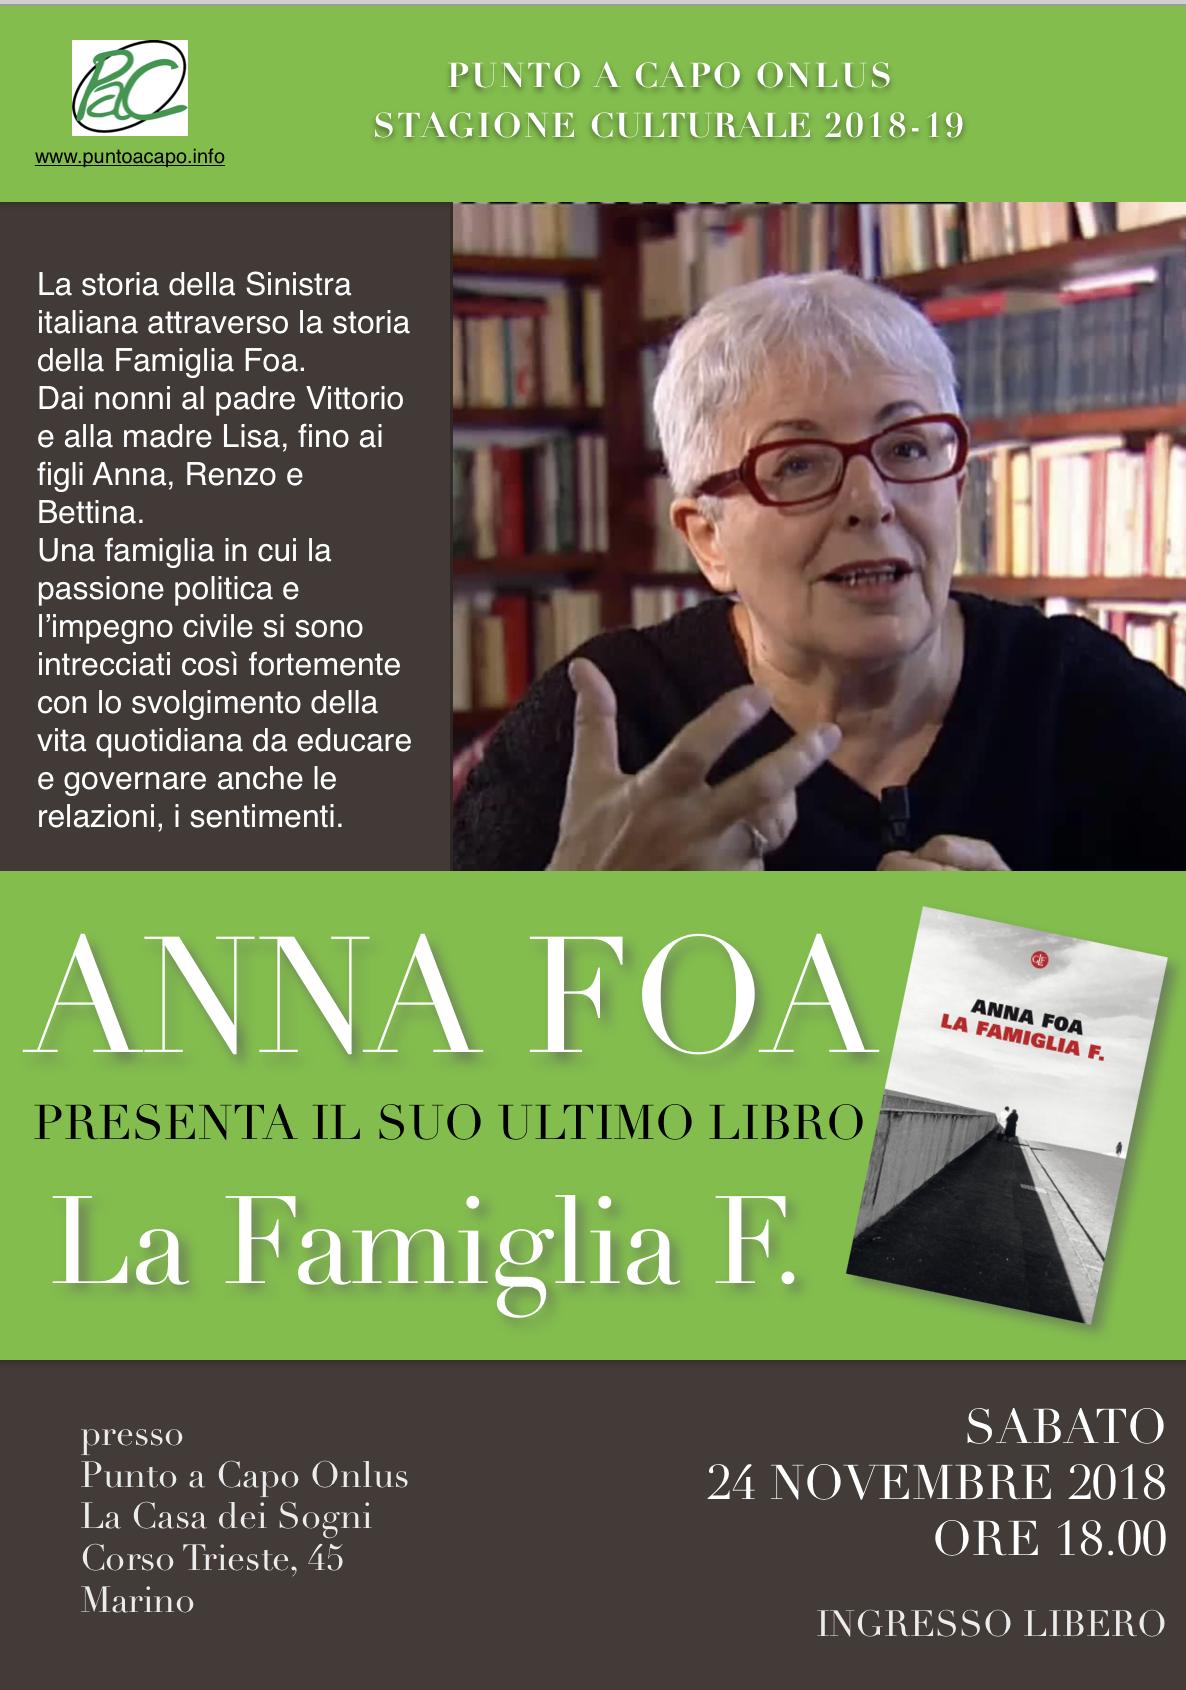 Marino: Anna Foa, storica e scrittrice, presenta a Punto a Capo Onlus il suo libro 'La Famiglia F.' il 24 novembre 2018